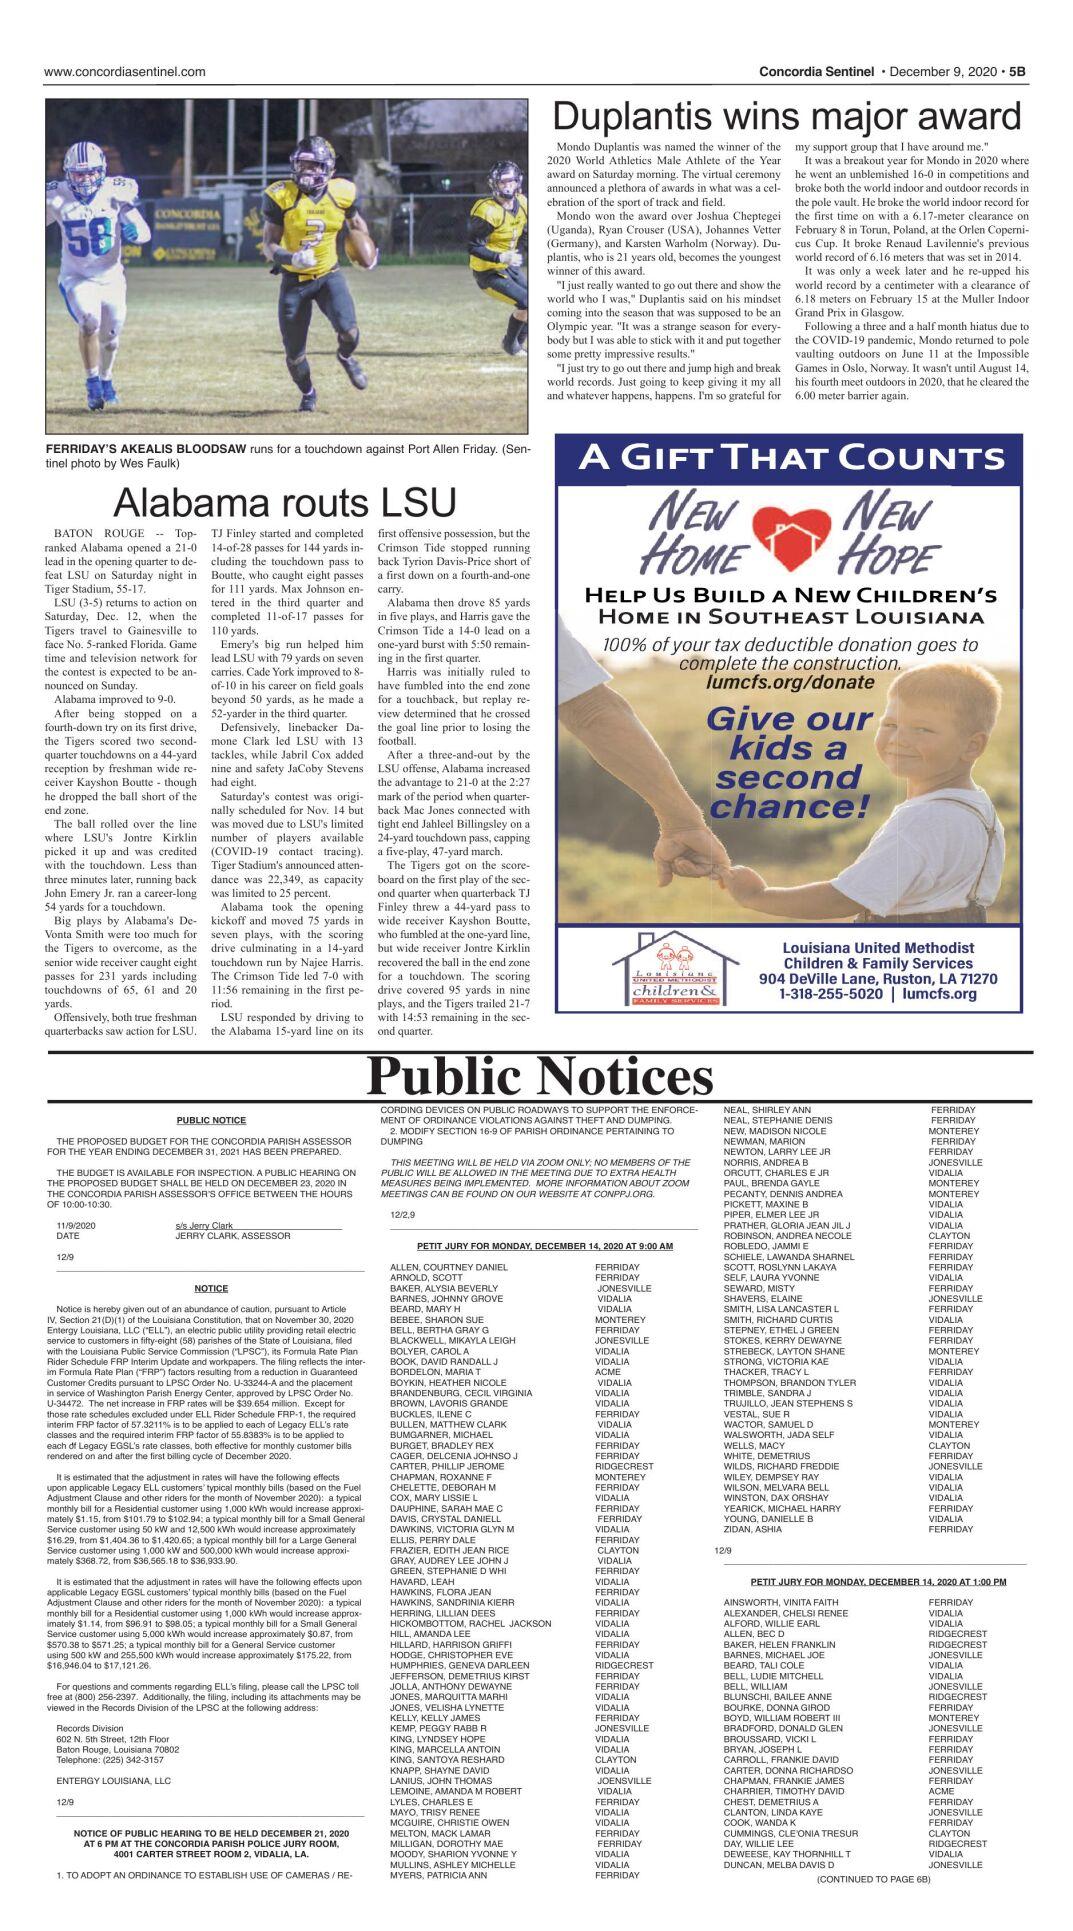 Public Notices - Dec. 9, 2020